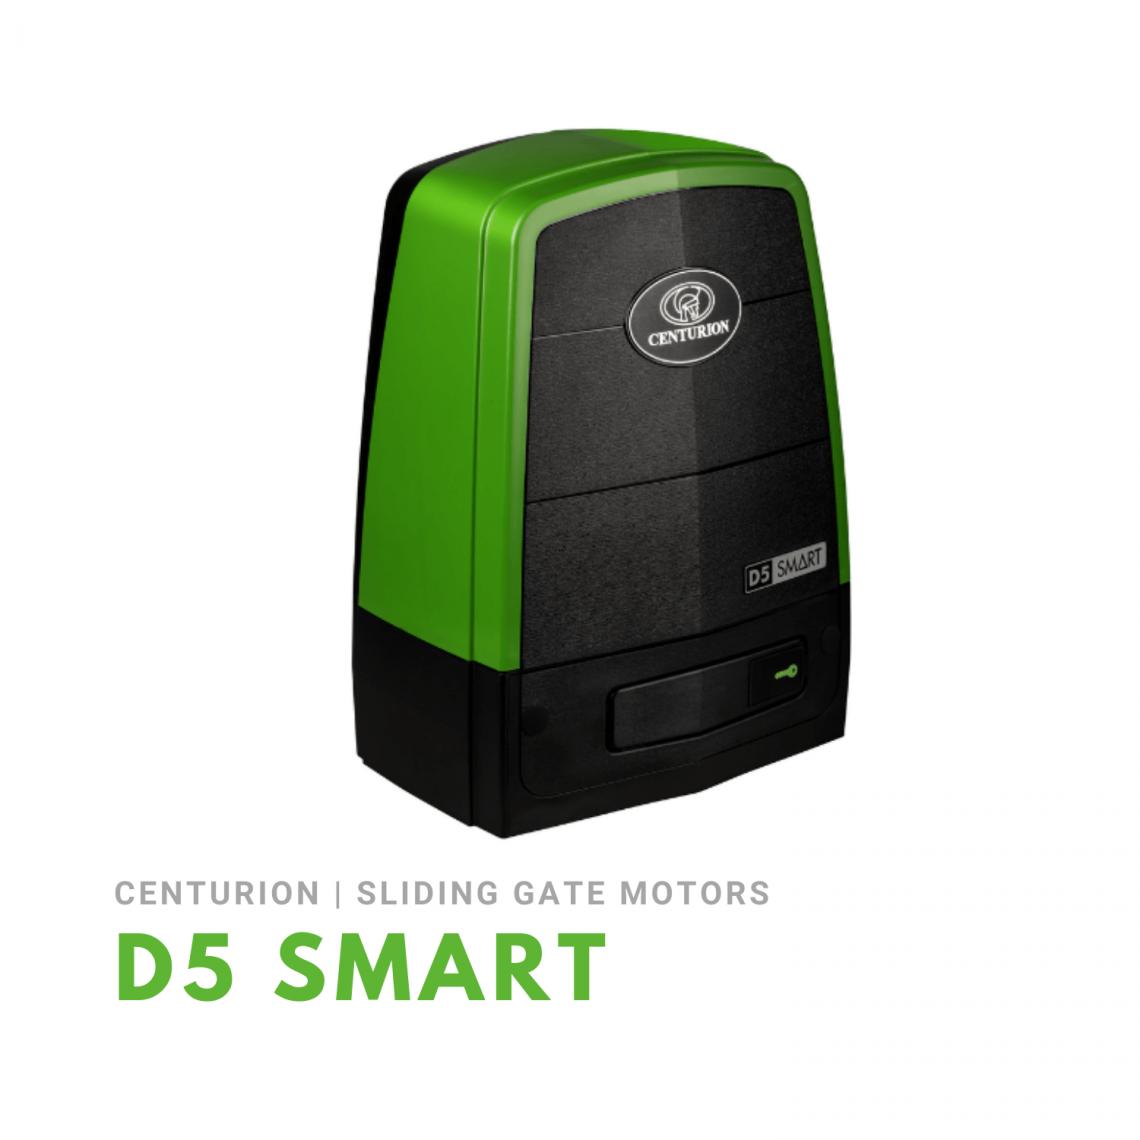 Centurion D5 Smart Sliding Gate Motor Durban